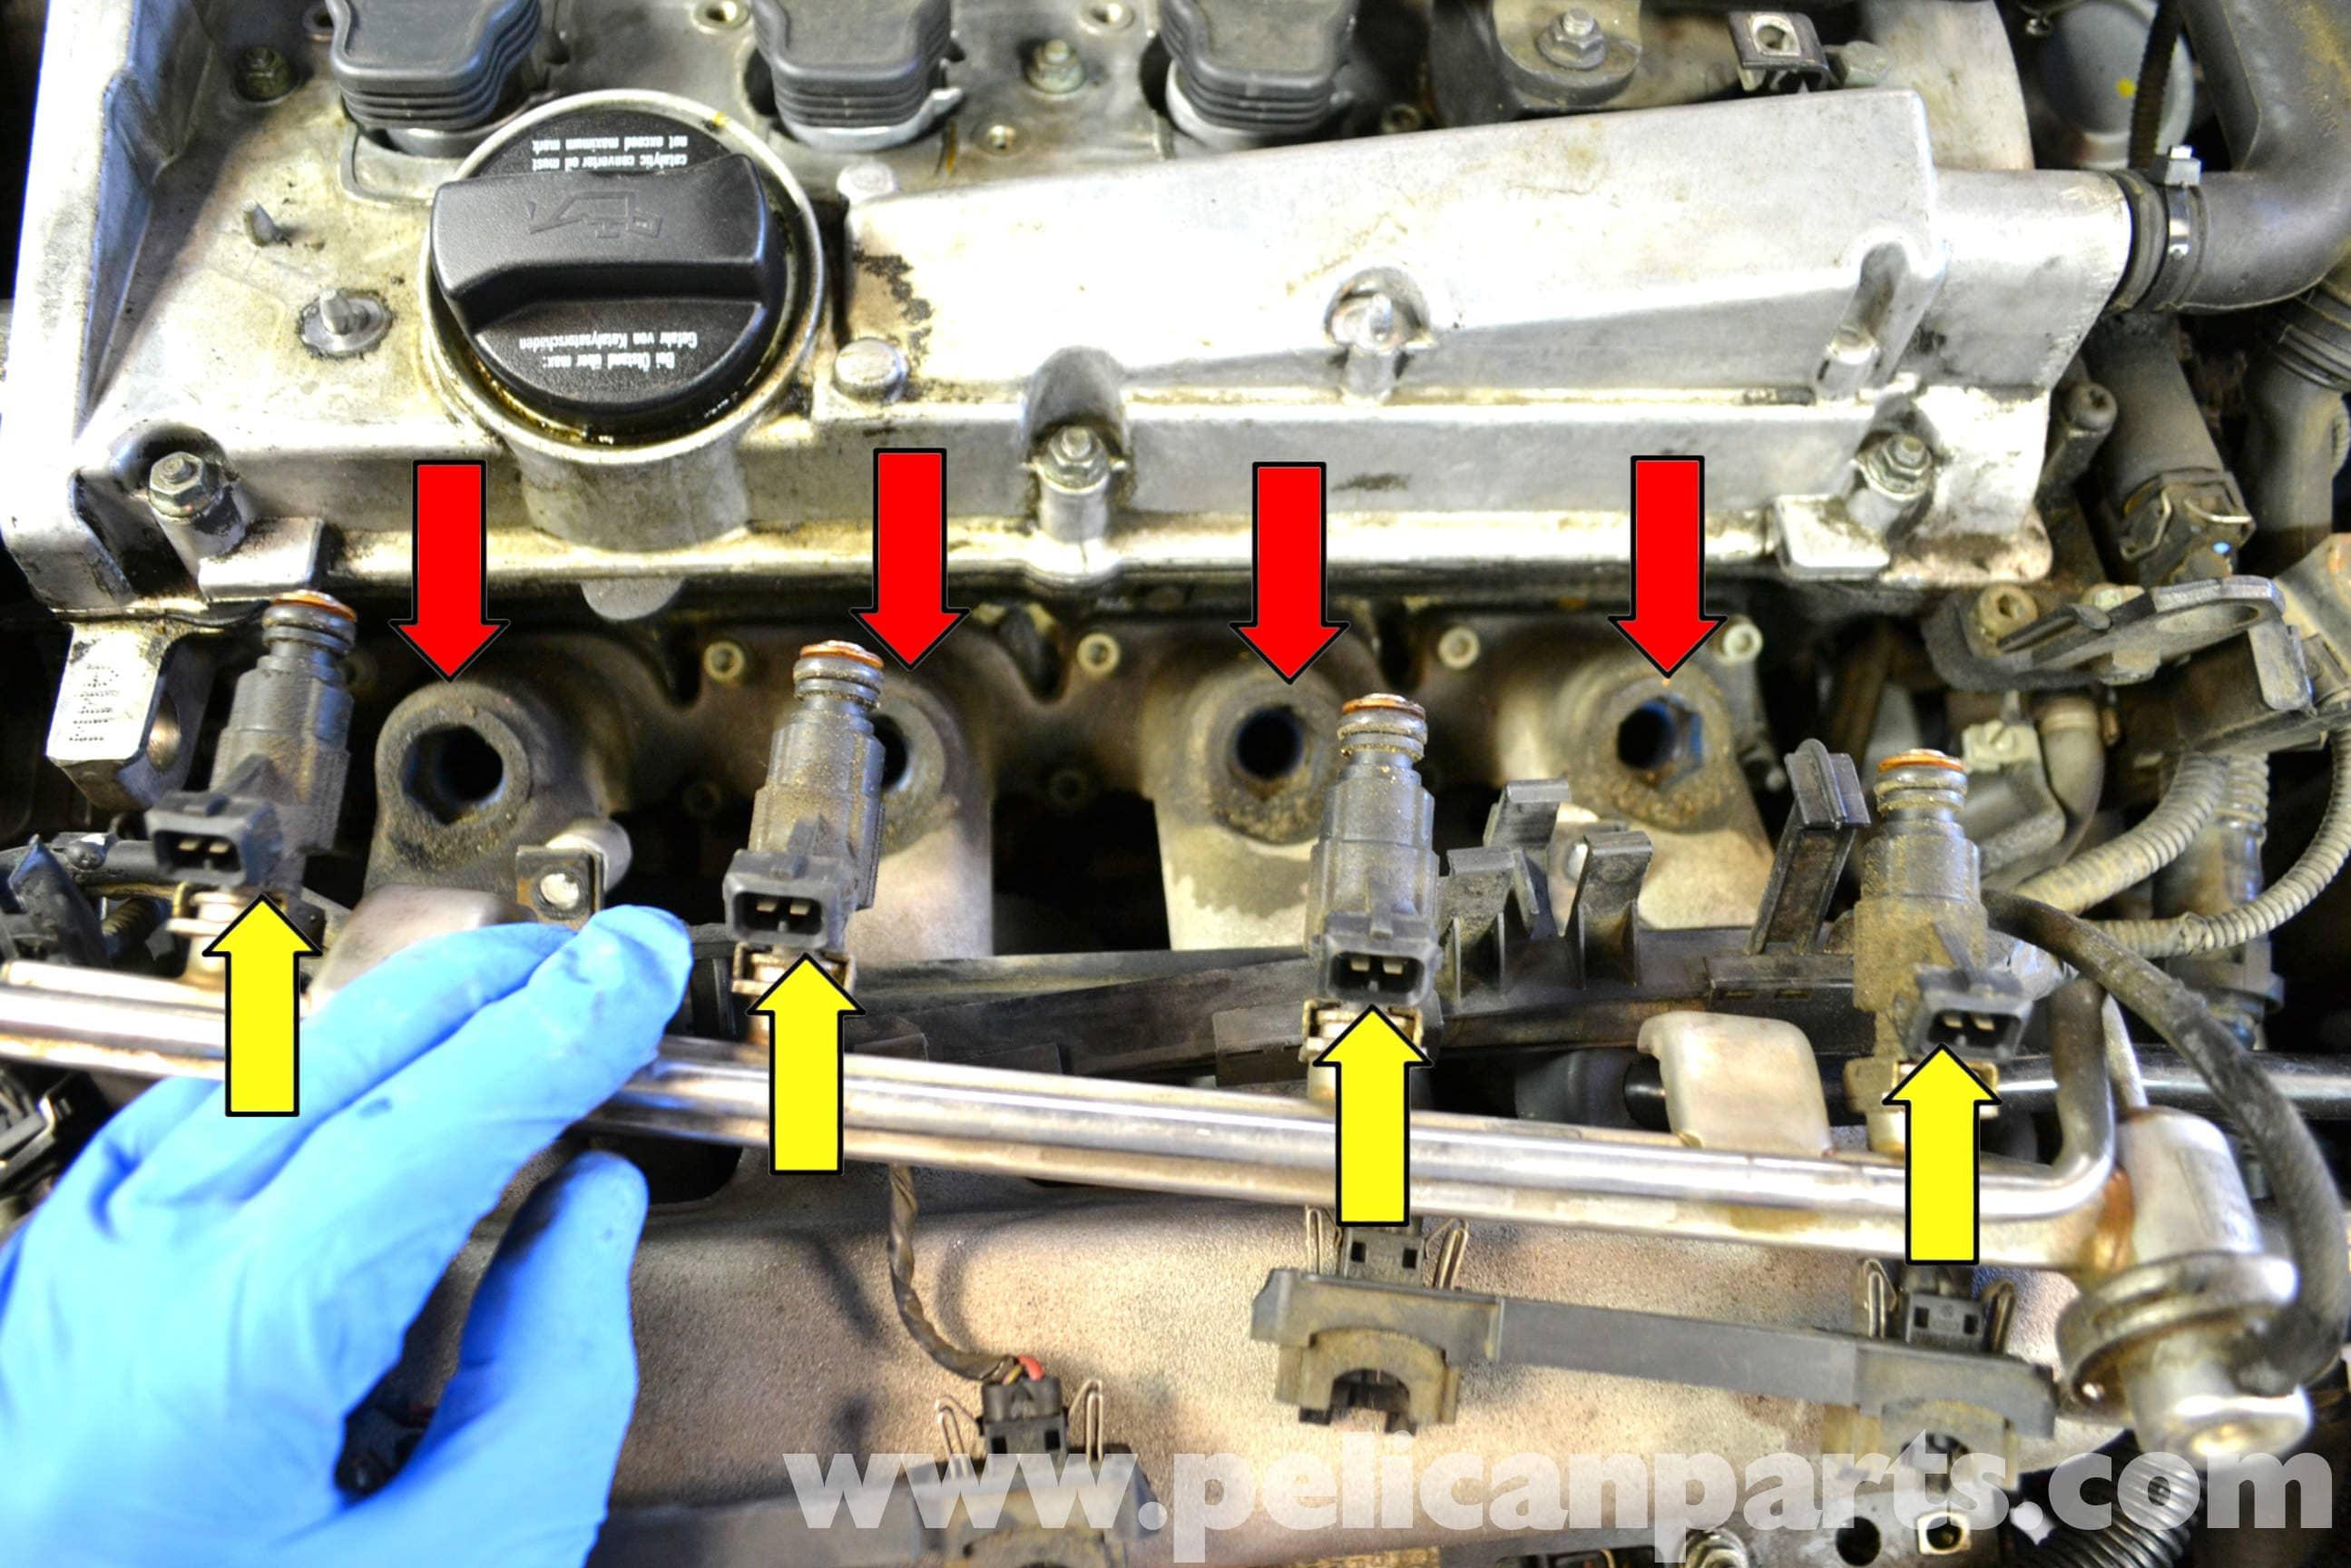 Volkswagen Golf GTI Mk IV Fuel Injector Replacement (1999